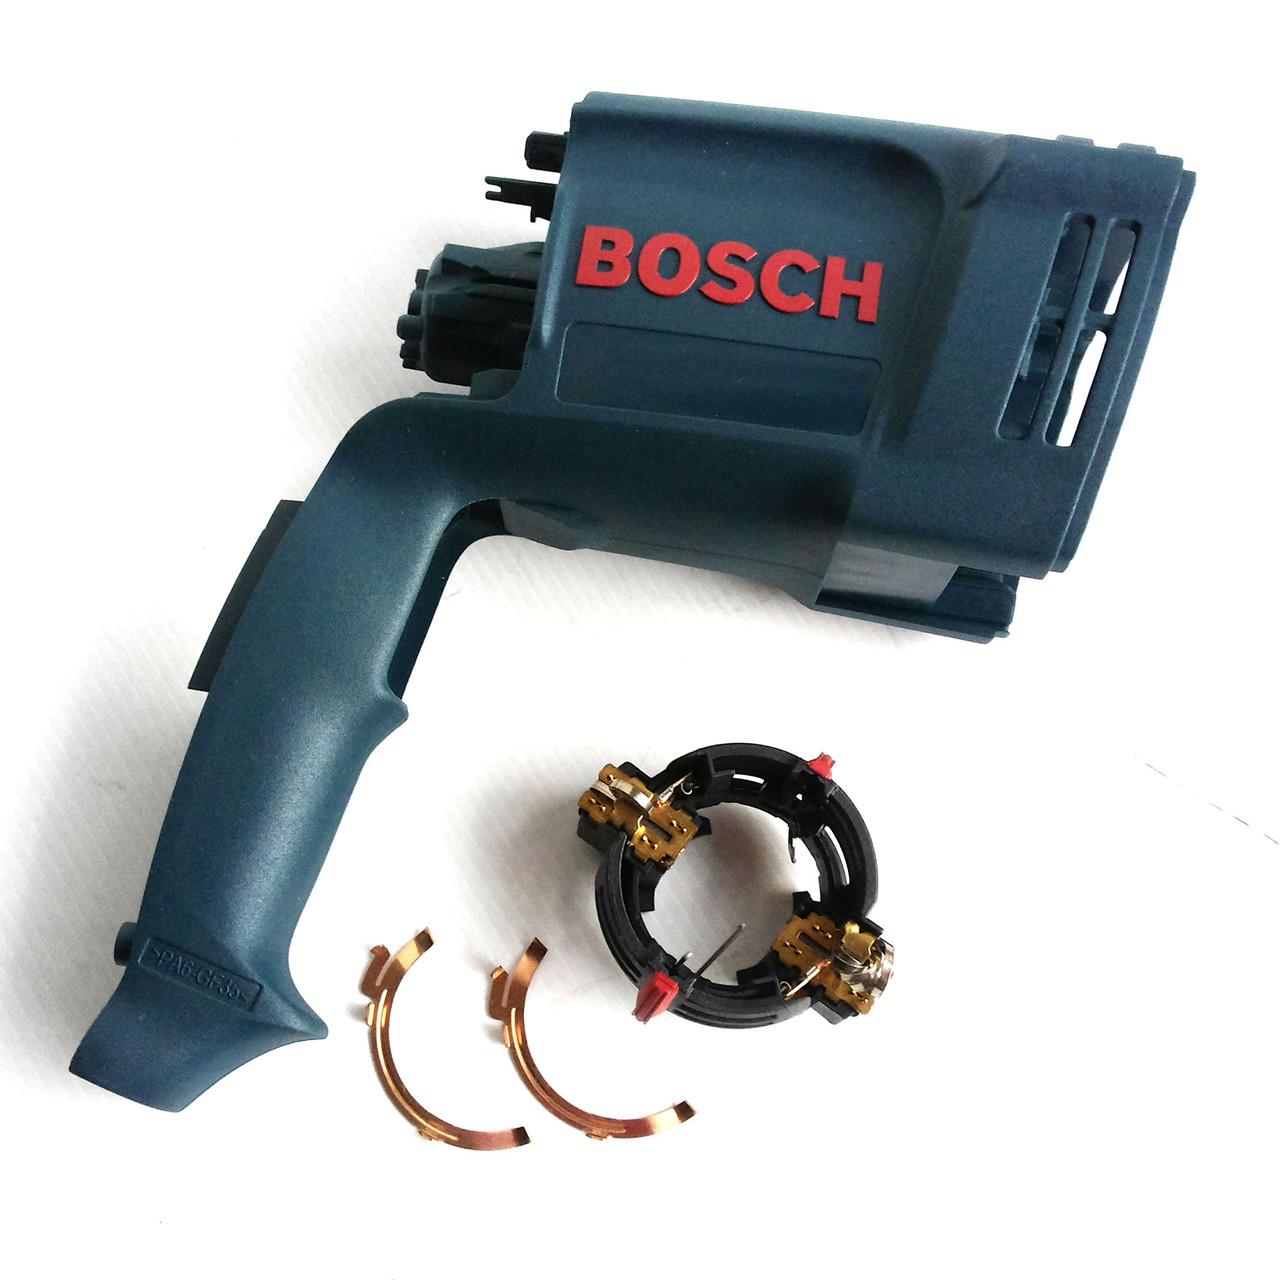 Корпус двигателя до перфоратора Bosch GBH 2-26 DRE (1617000558)